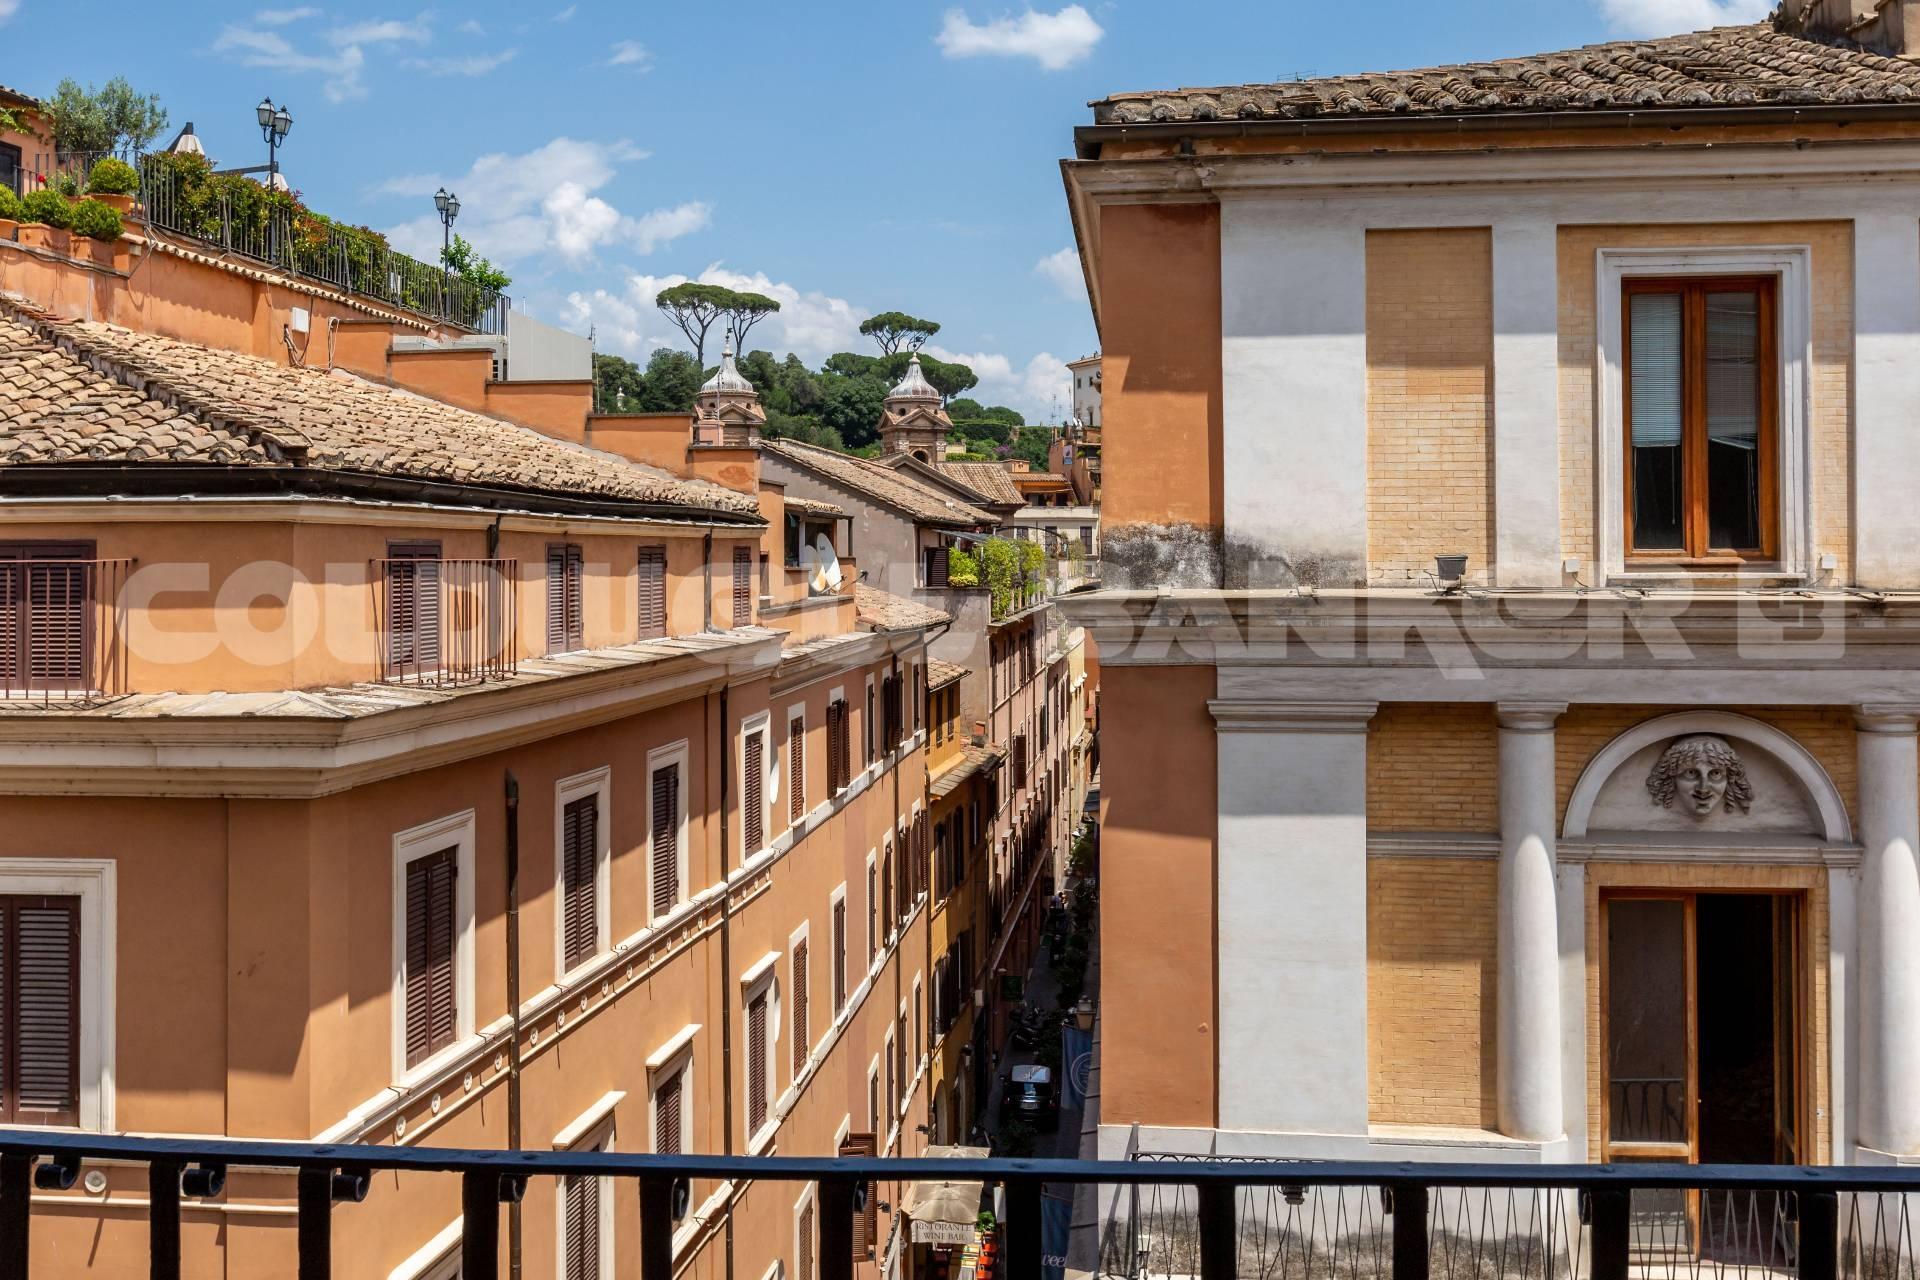 cbi072-568-ex1309 - appartamento in vendita a roma - centro storico